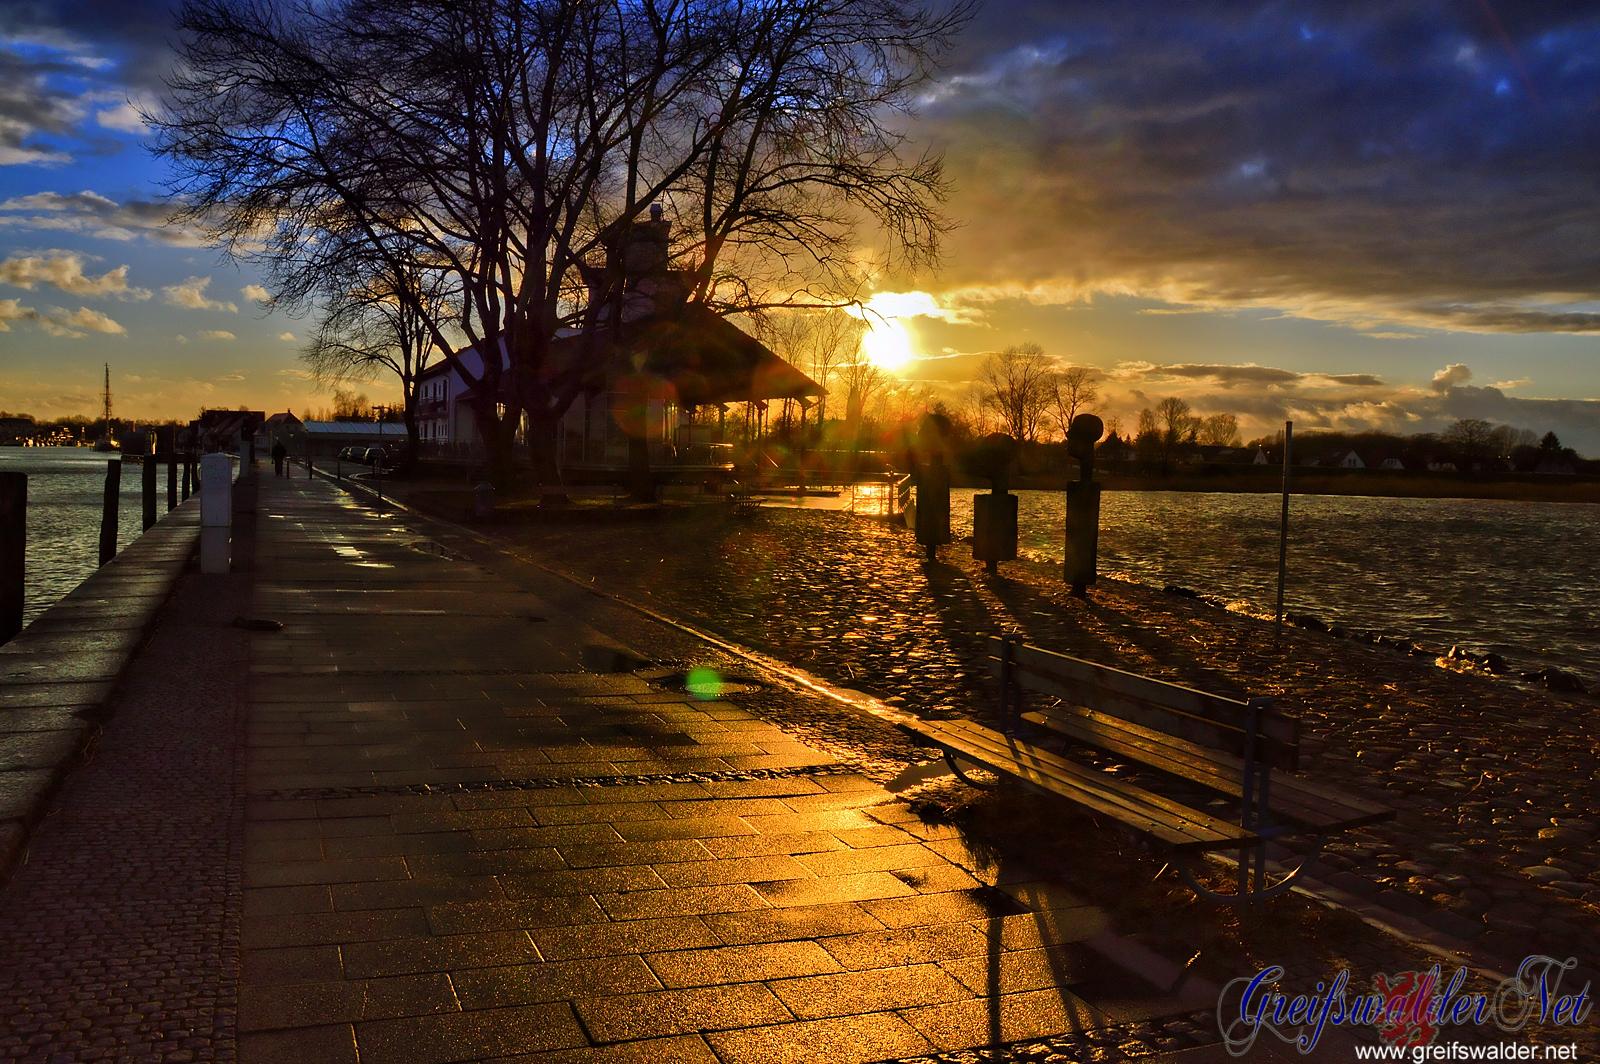 Sonnenuntergang in Greifswald-Wieck